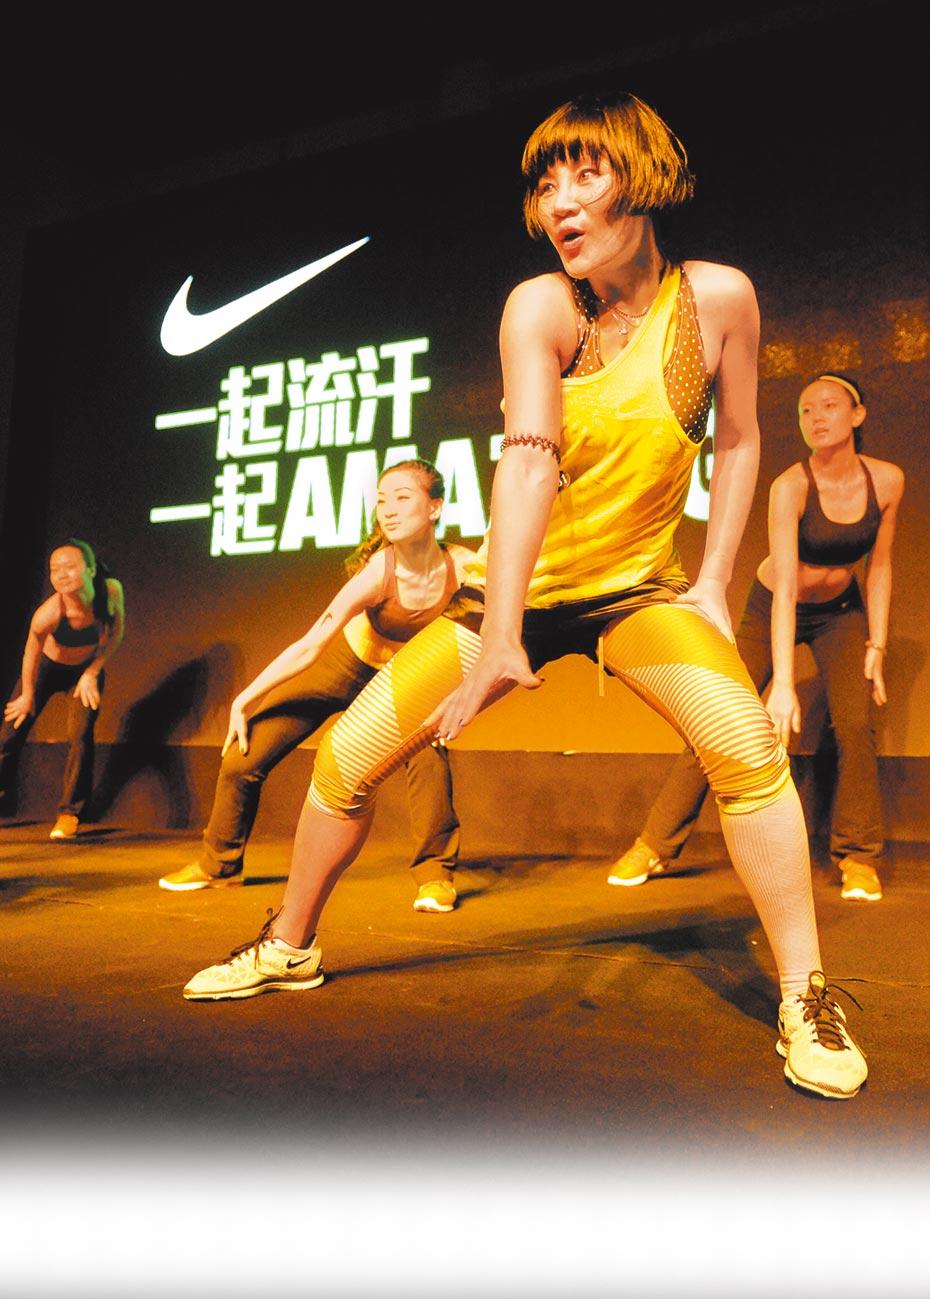 知名運動品牌Nike因新疆棉事件遭大陸民眾抵制,4月的銷售量暴跌。圖為Nike於2013年在北京主辦的一場健身活動。(新華社)